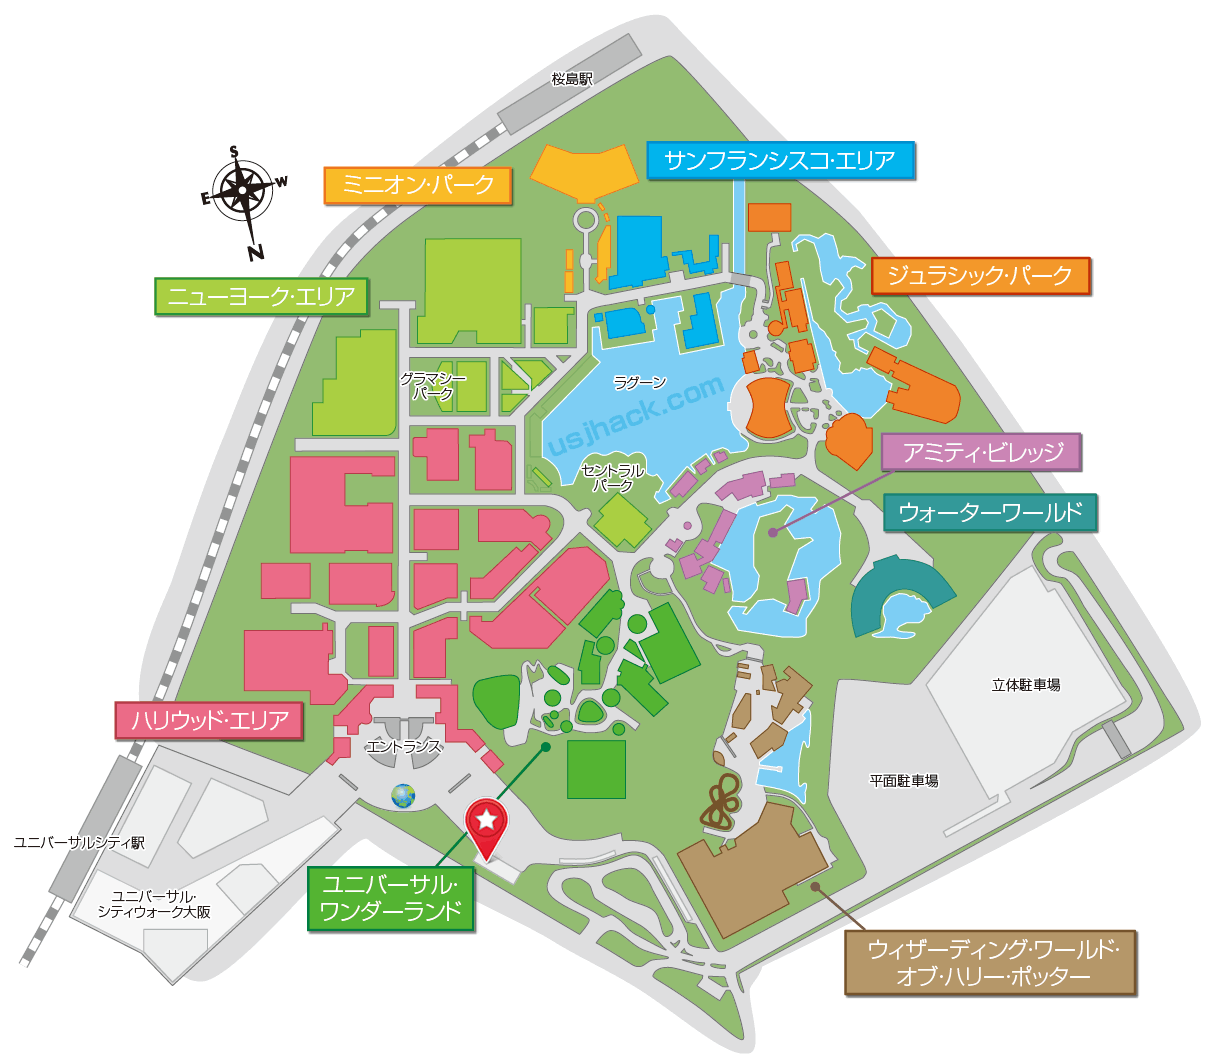 USJパーク外の「ノース・ロッカー」の場所を示したマップ